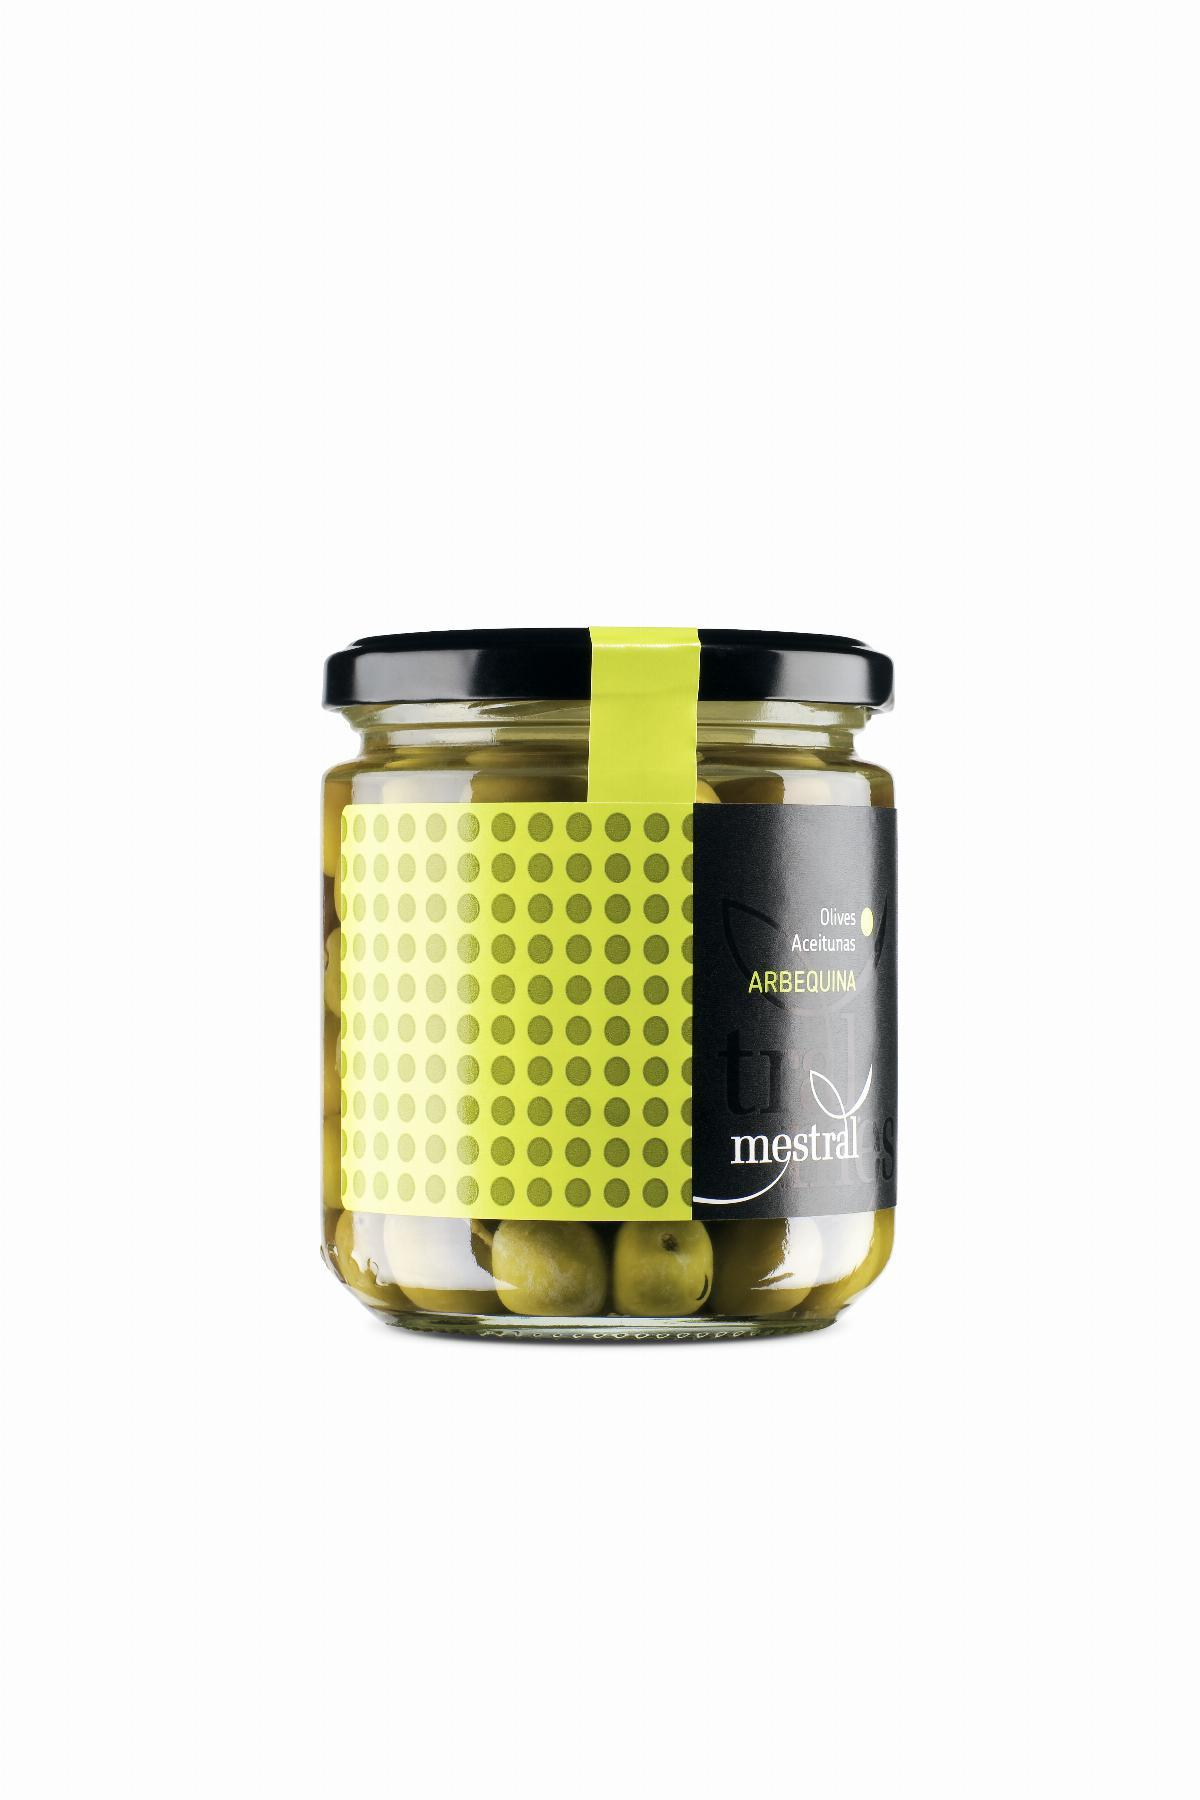 Mestral Arbequina Olives glass jar 220g